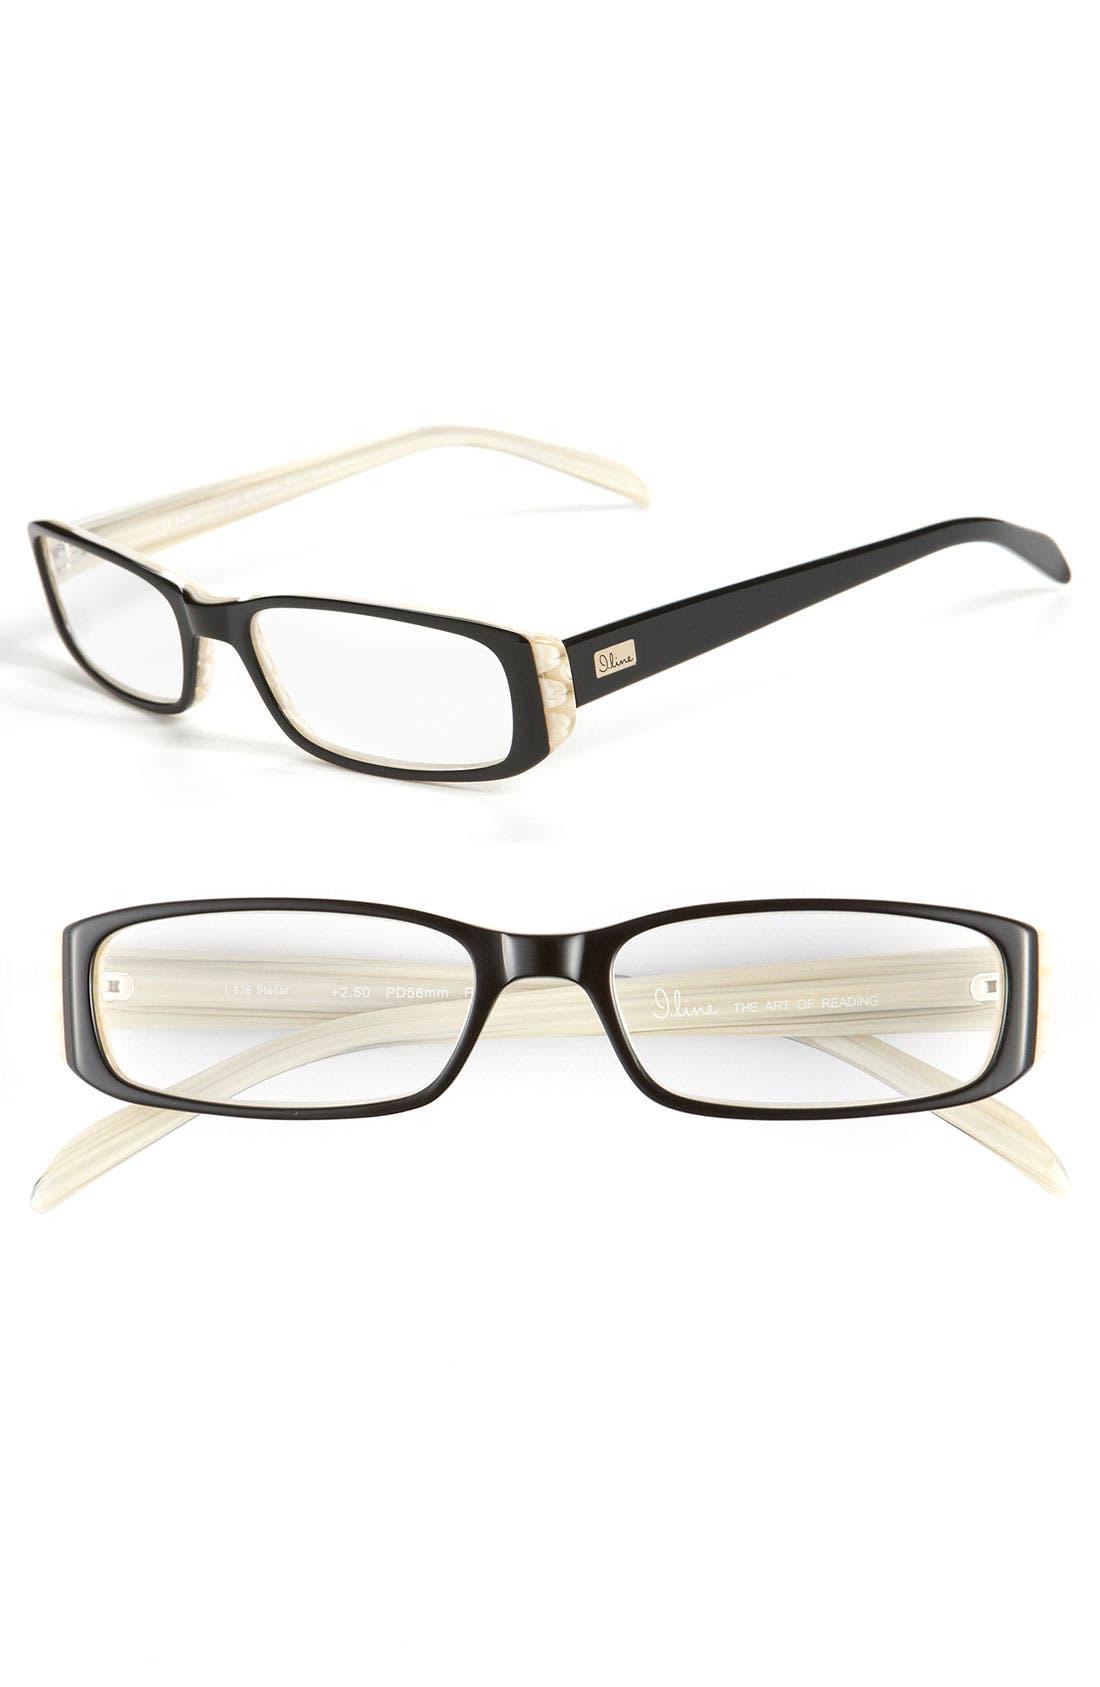 Main Image - I Line Eyewear 58mm Reading Glasses